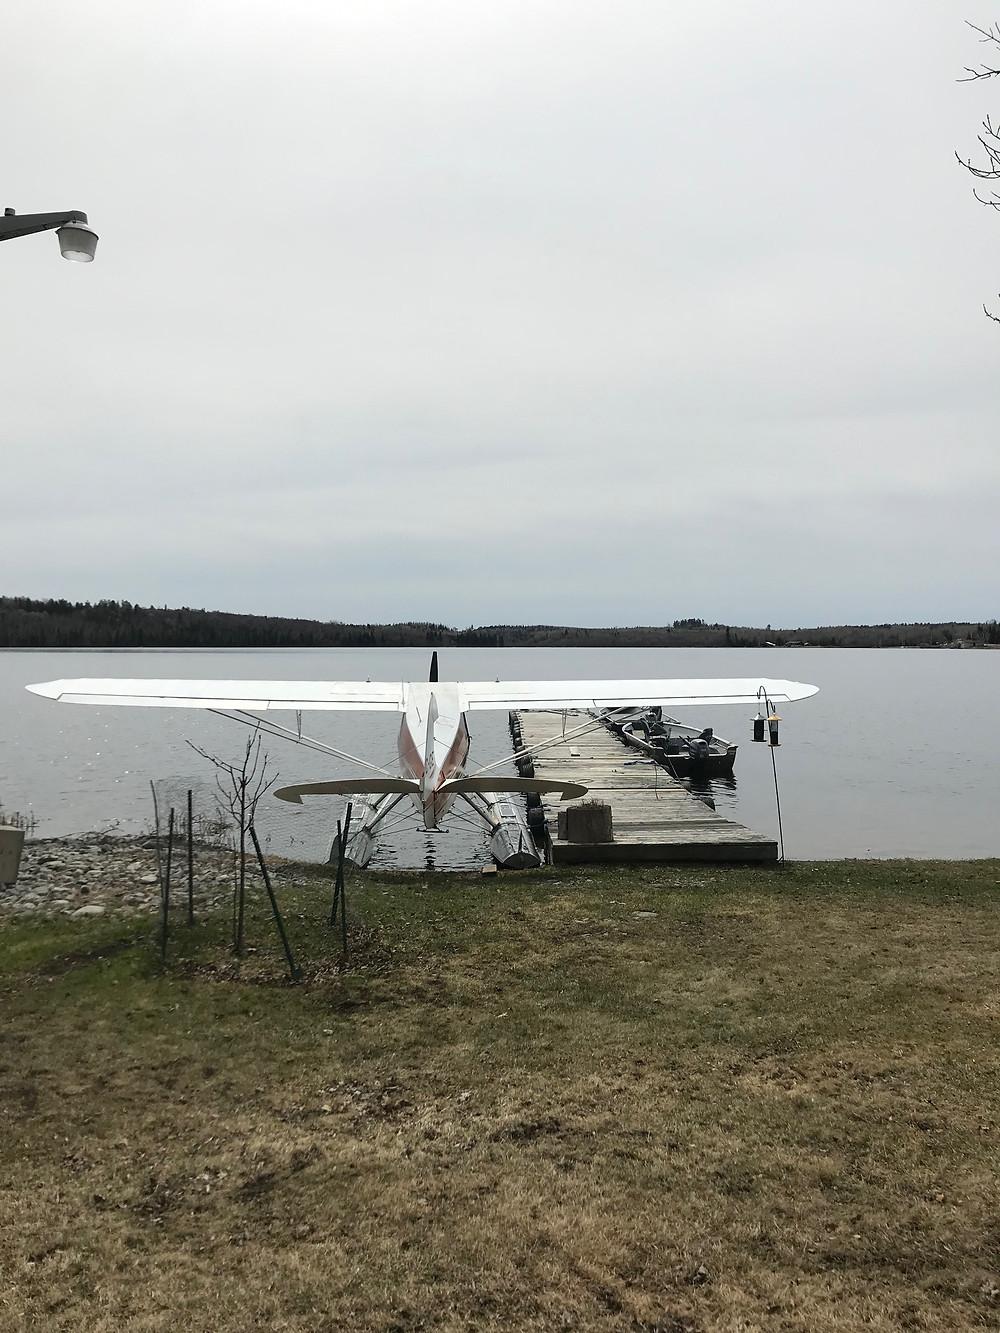 Piper PA12 floatplane